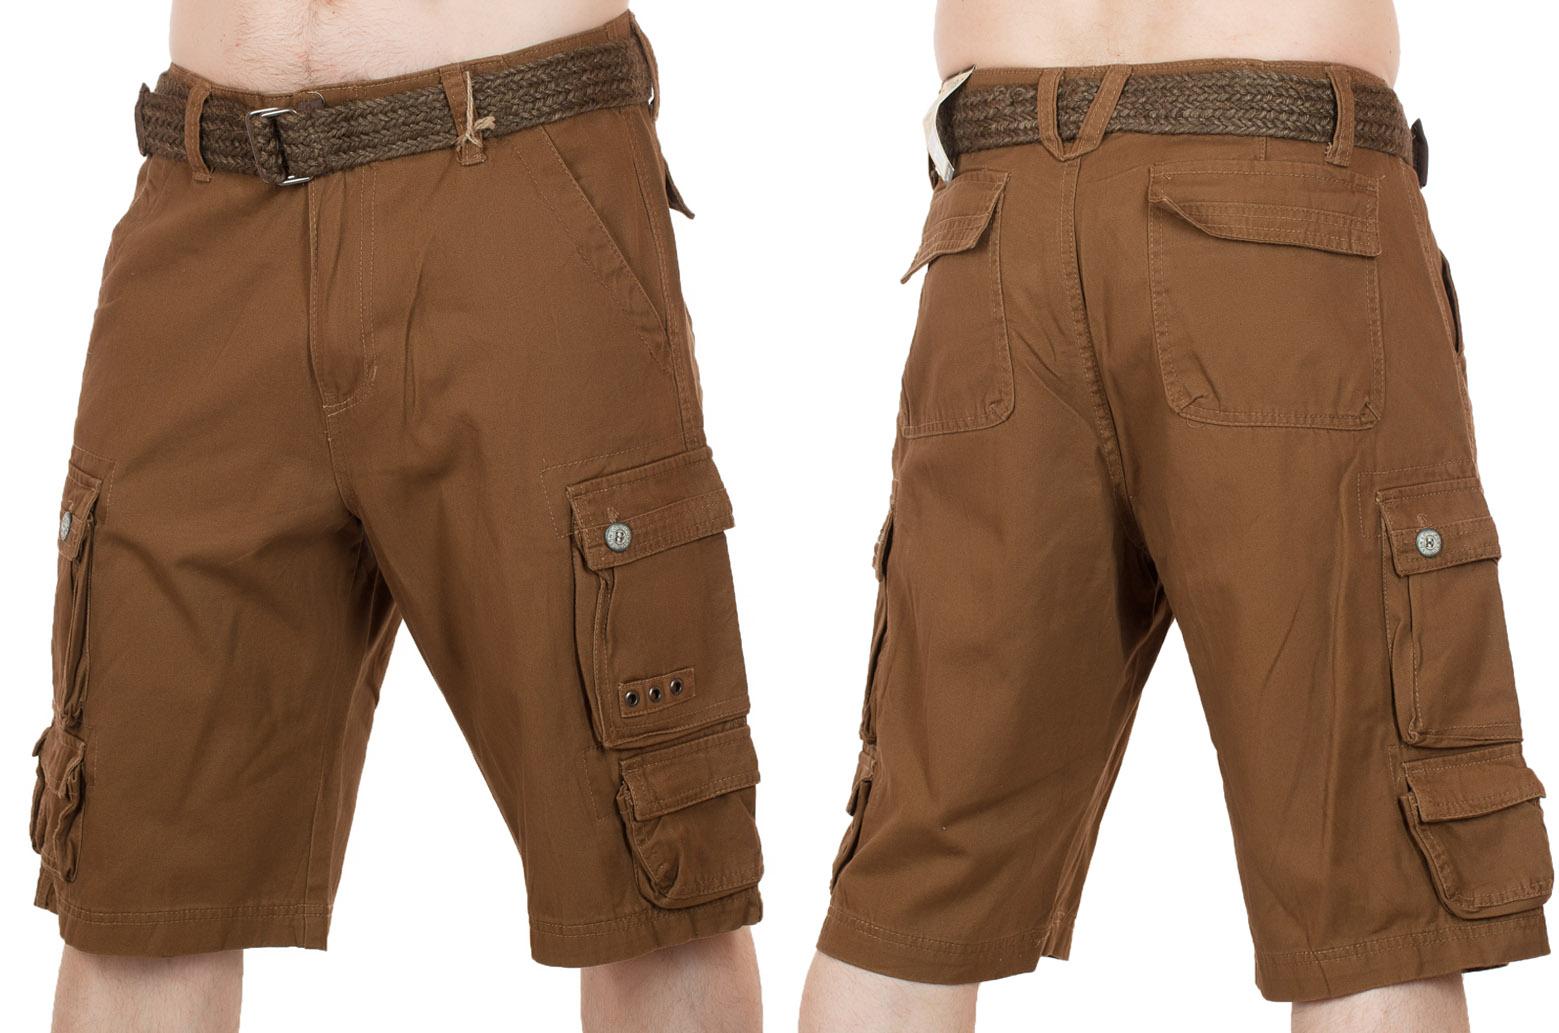 Брендовые шорты мужские (Iron Co., США) с доставкой